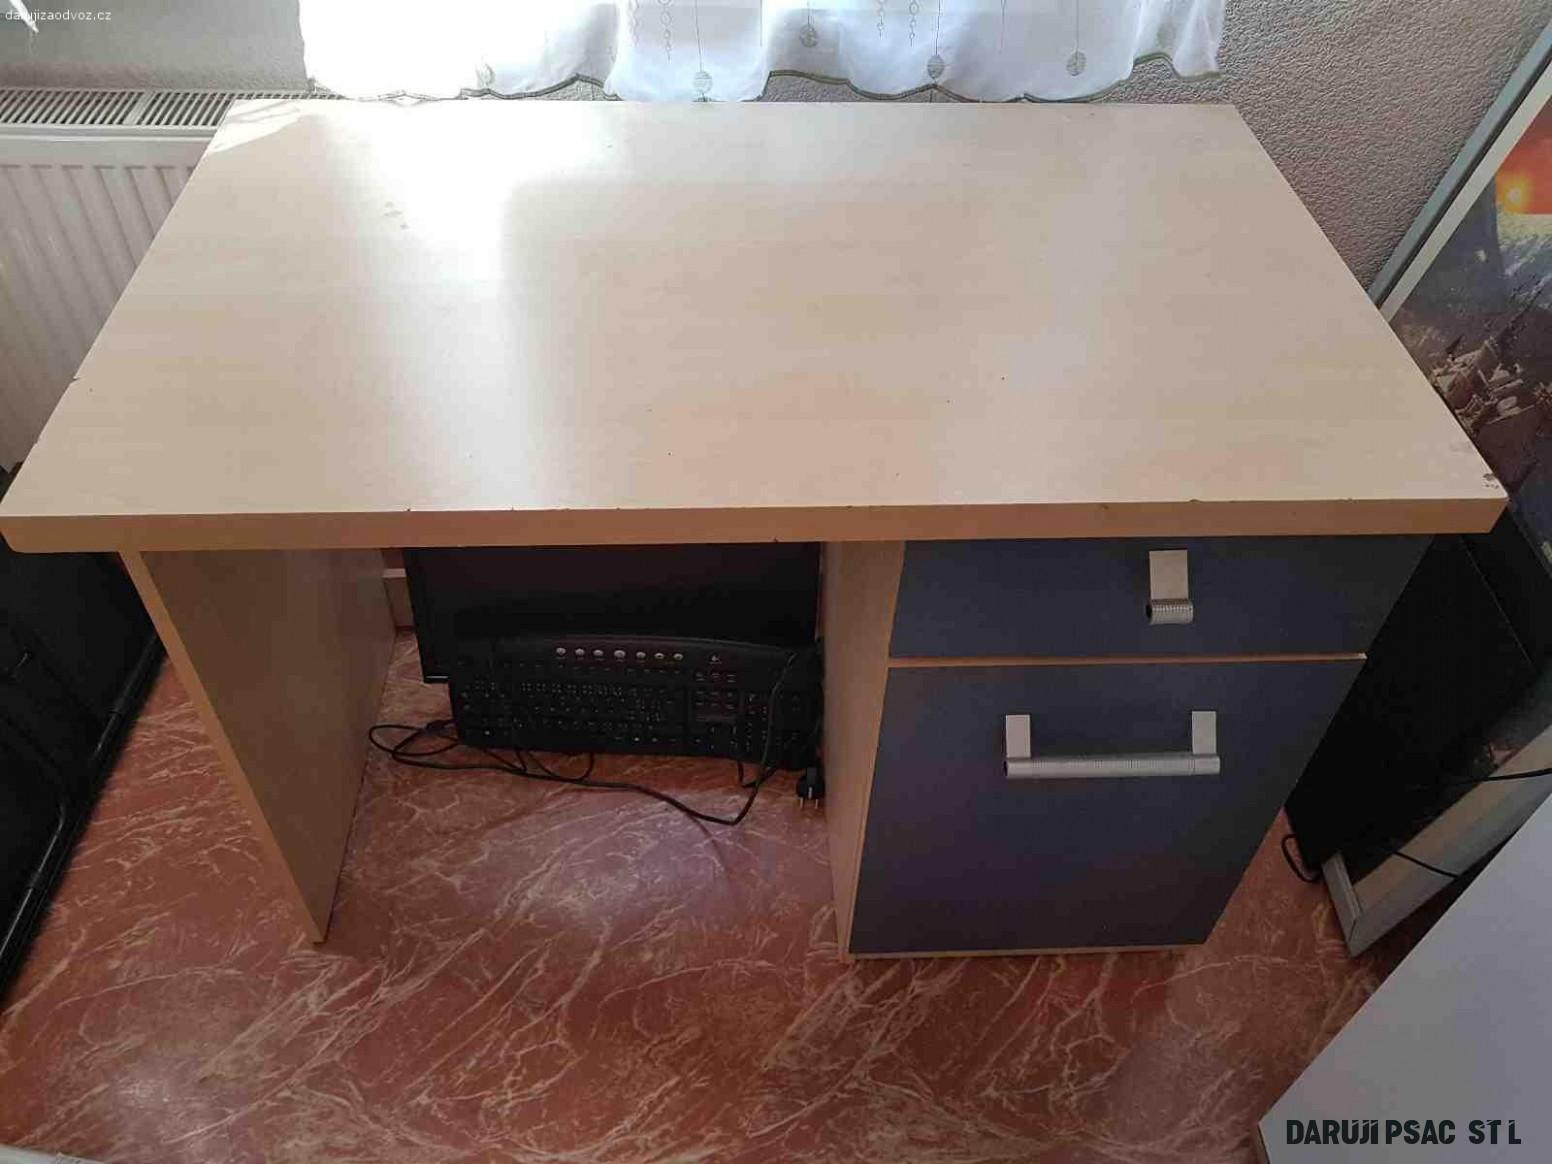 Daruji psací stůl - Nábytek - Daruji za odvoz